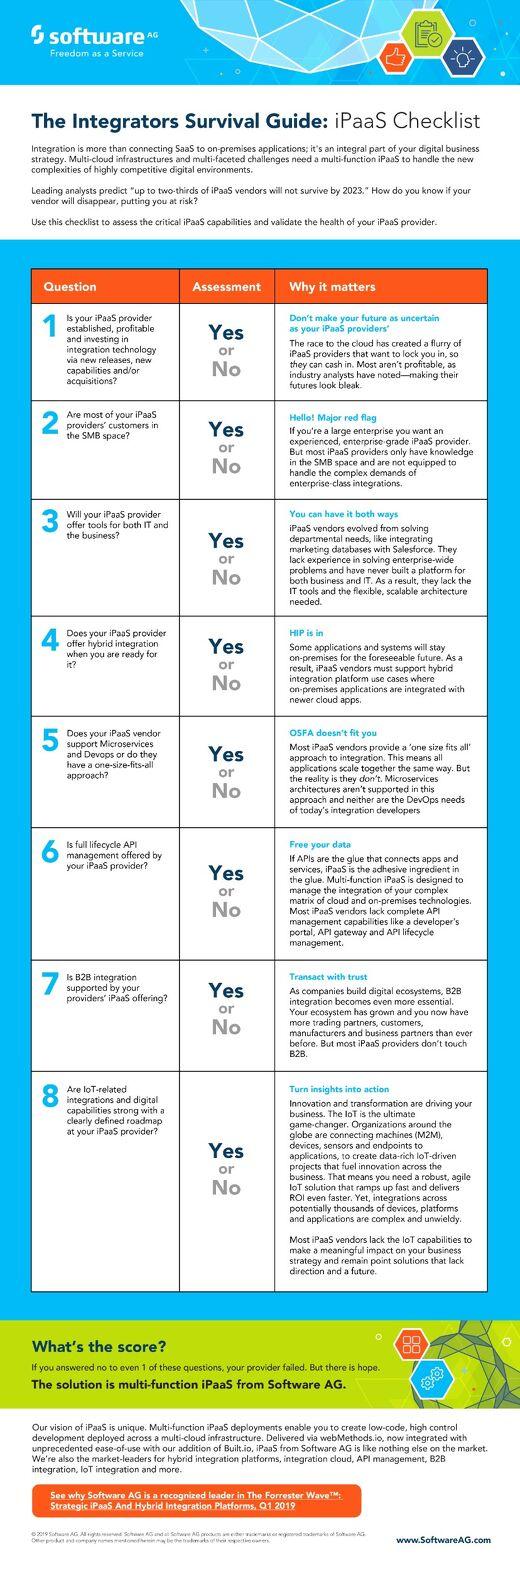 The Integrators Survival Guide:  iPaaS Checklist